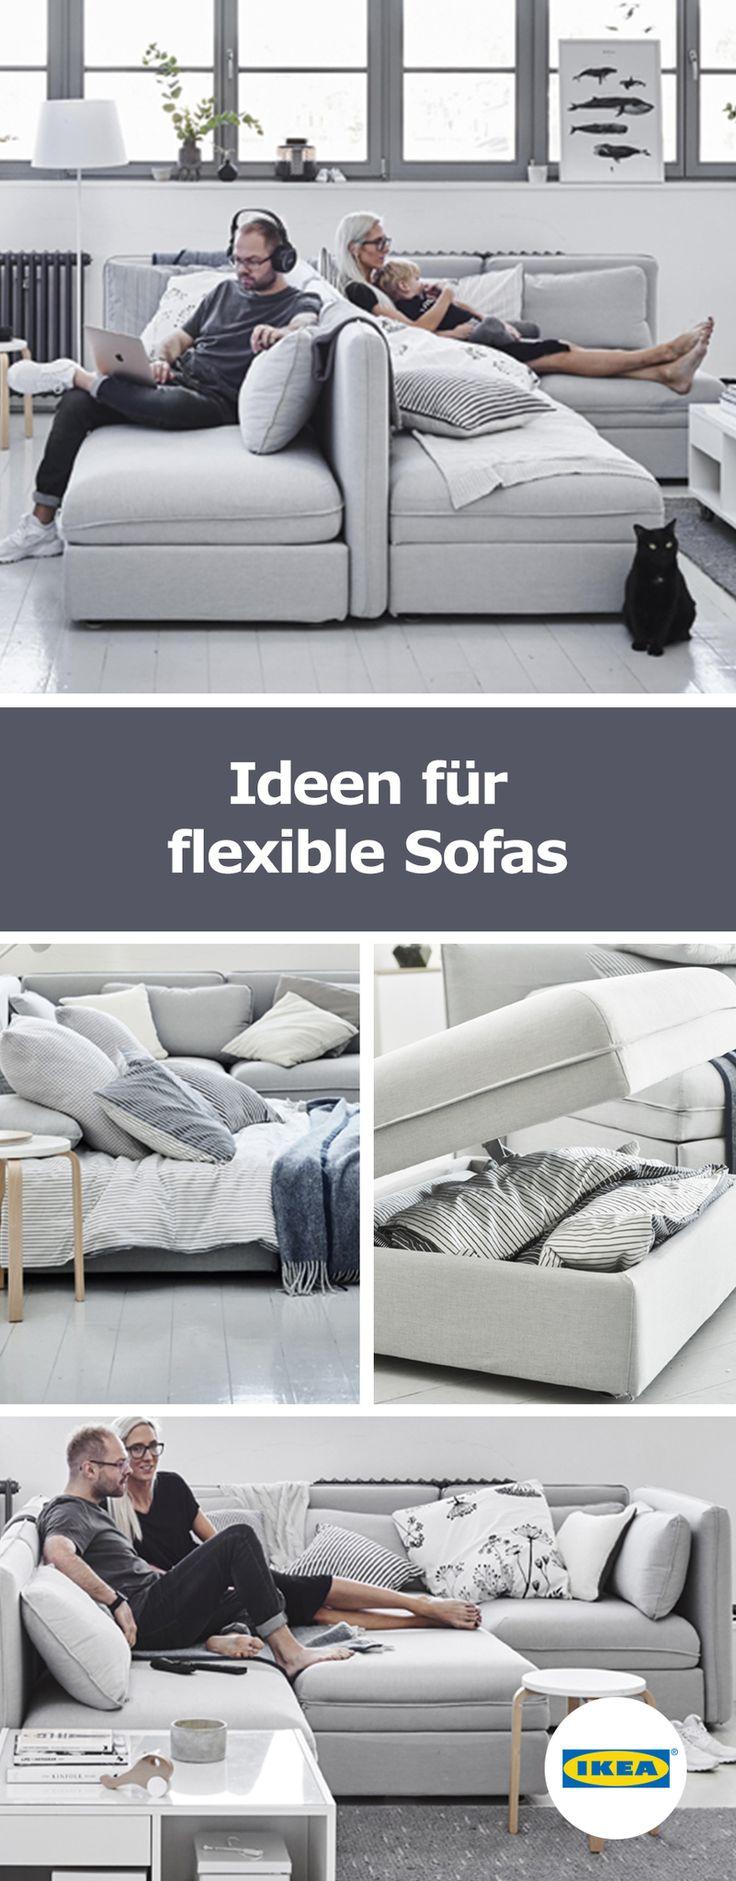 IKEA Deutschland   Ideen Für Flexible Sofas